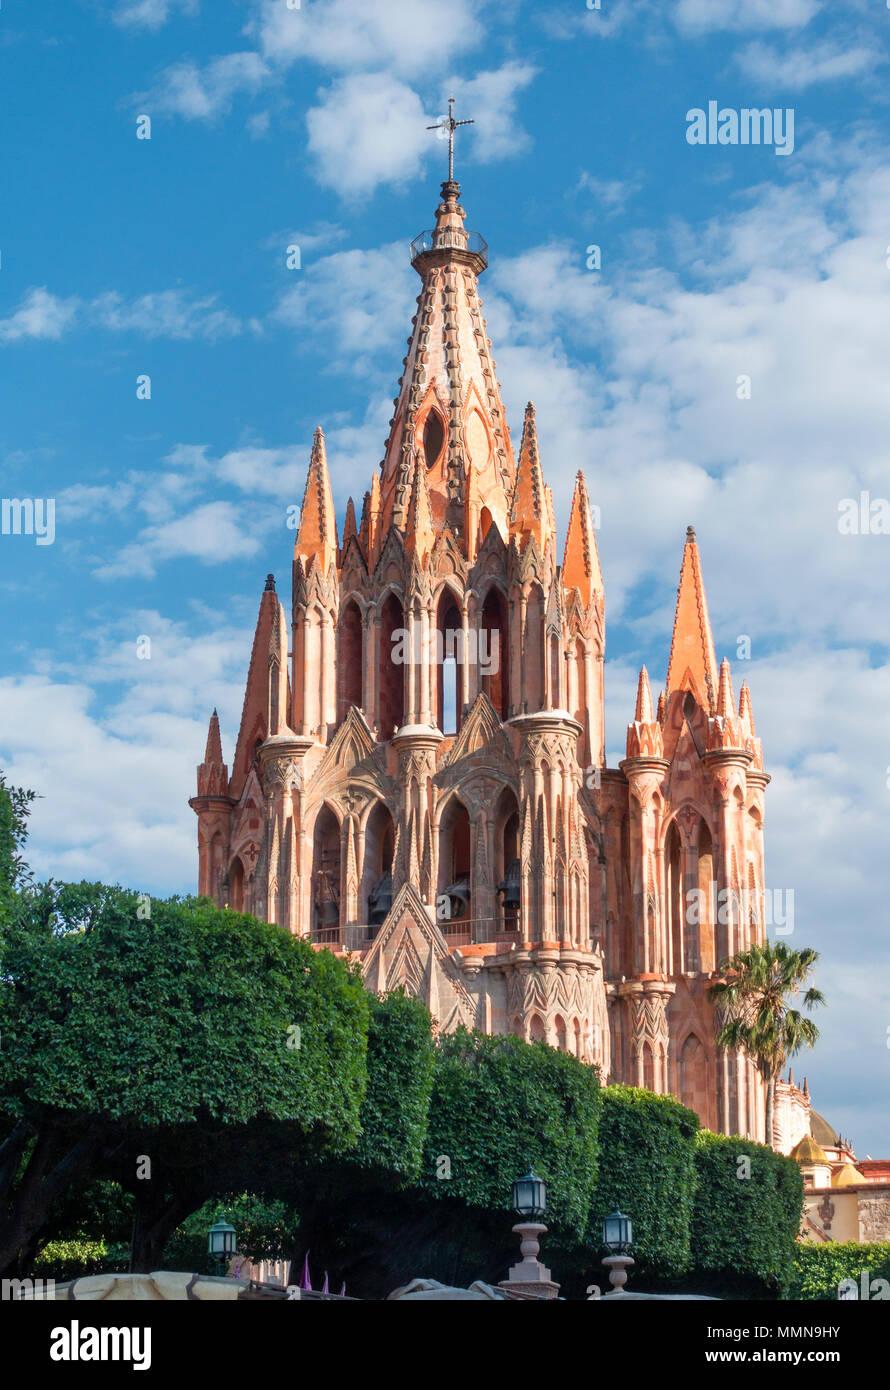 La Parroquia de San Miguel Arcángel in San Miguel de Allende, Mexico Stock Photo